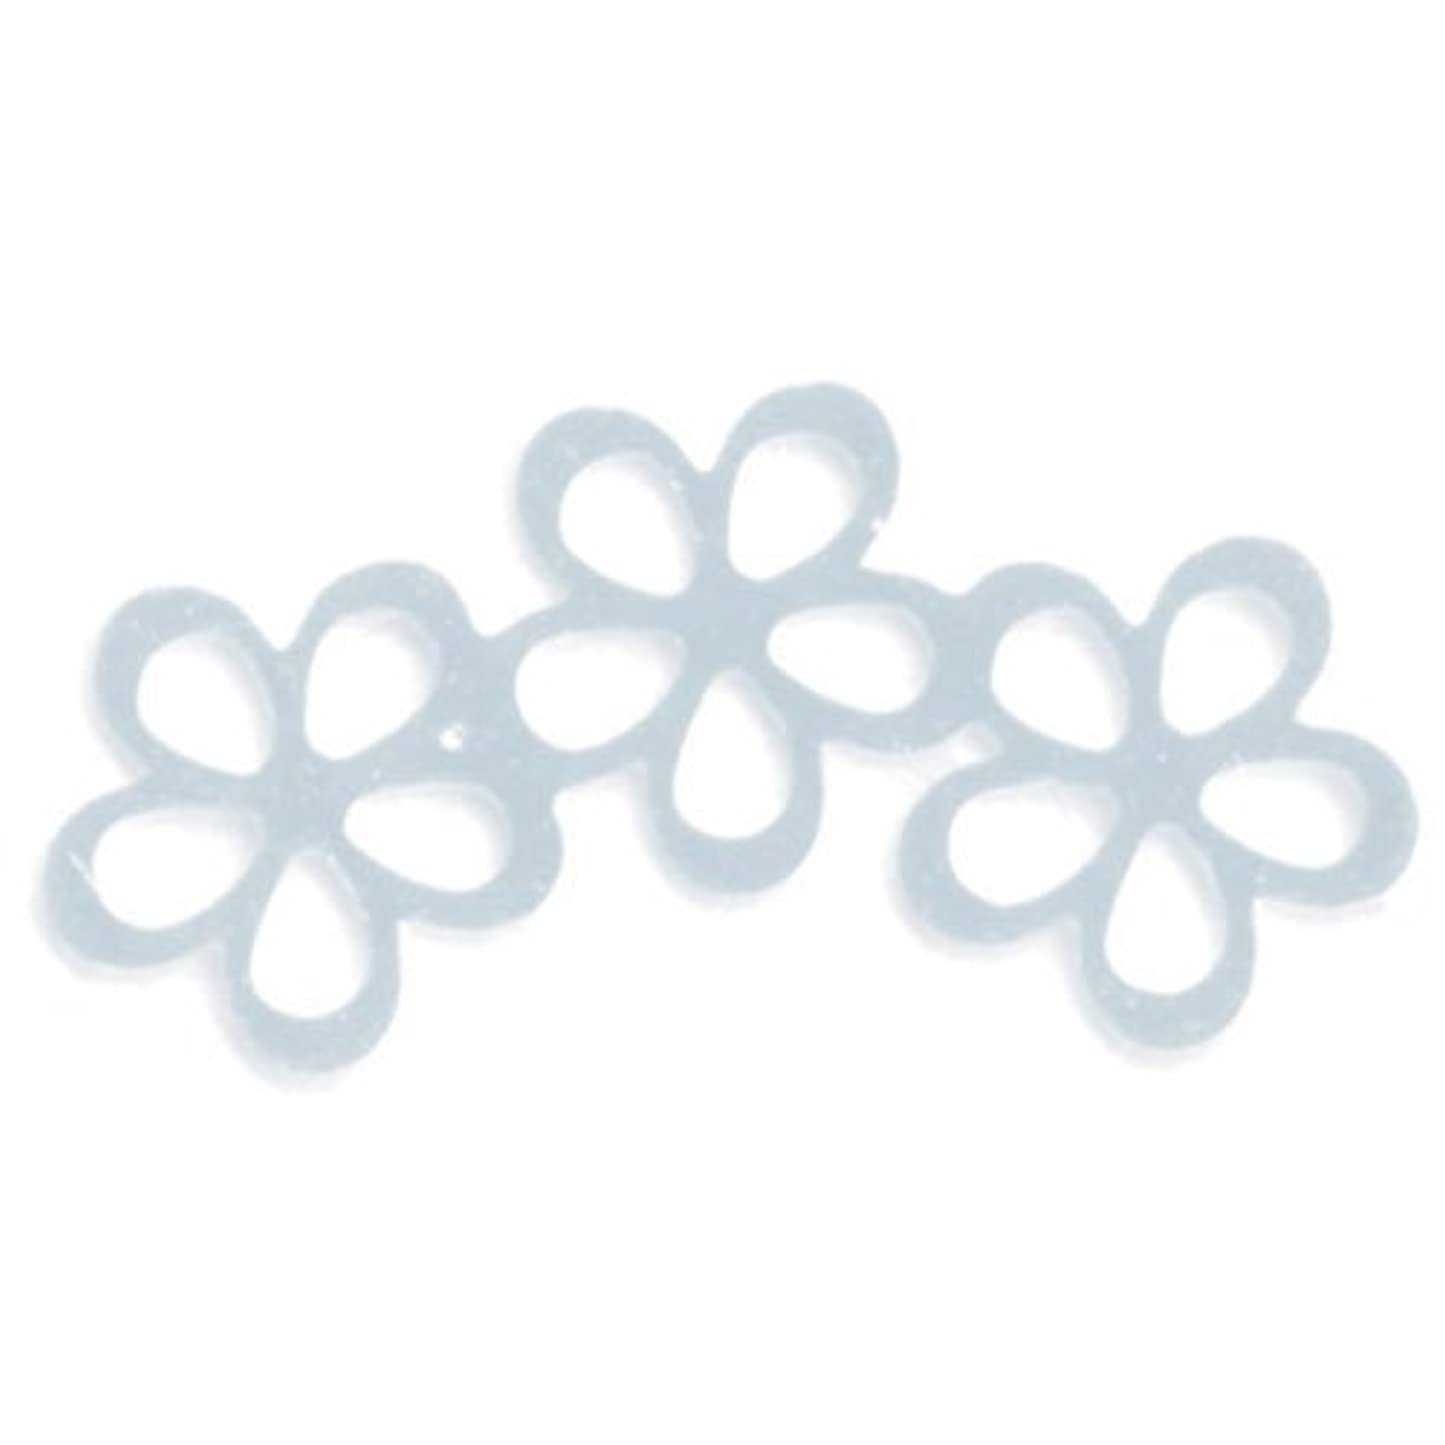 大いにうんざり修正するリトルプリティー ネイルアートパーツ シャイニーフラワー3連スカシ シルバー 10個